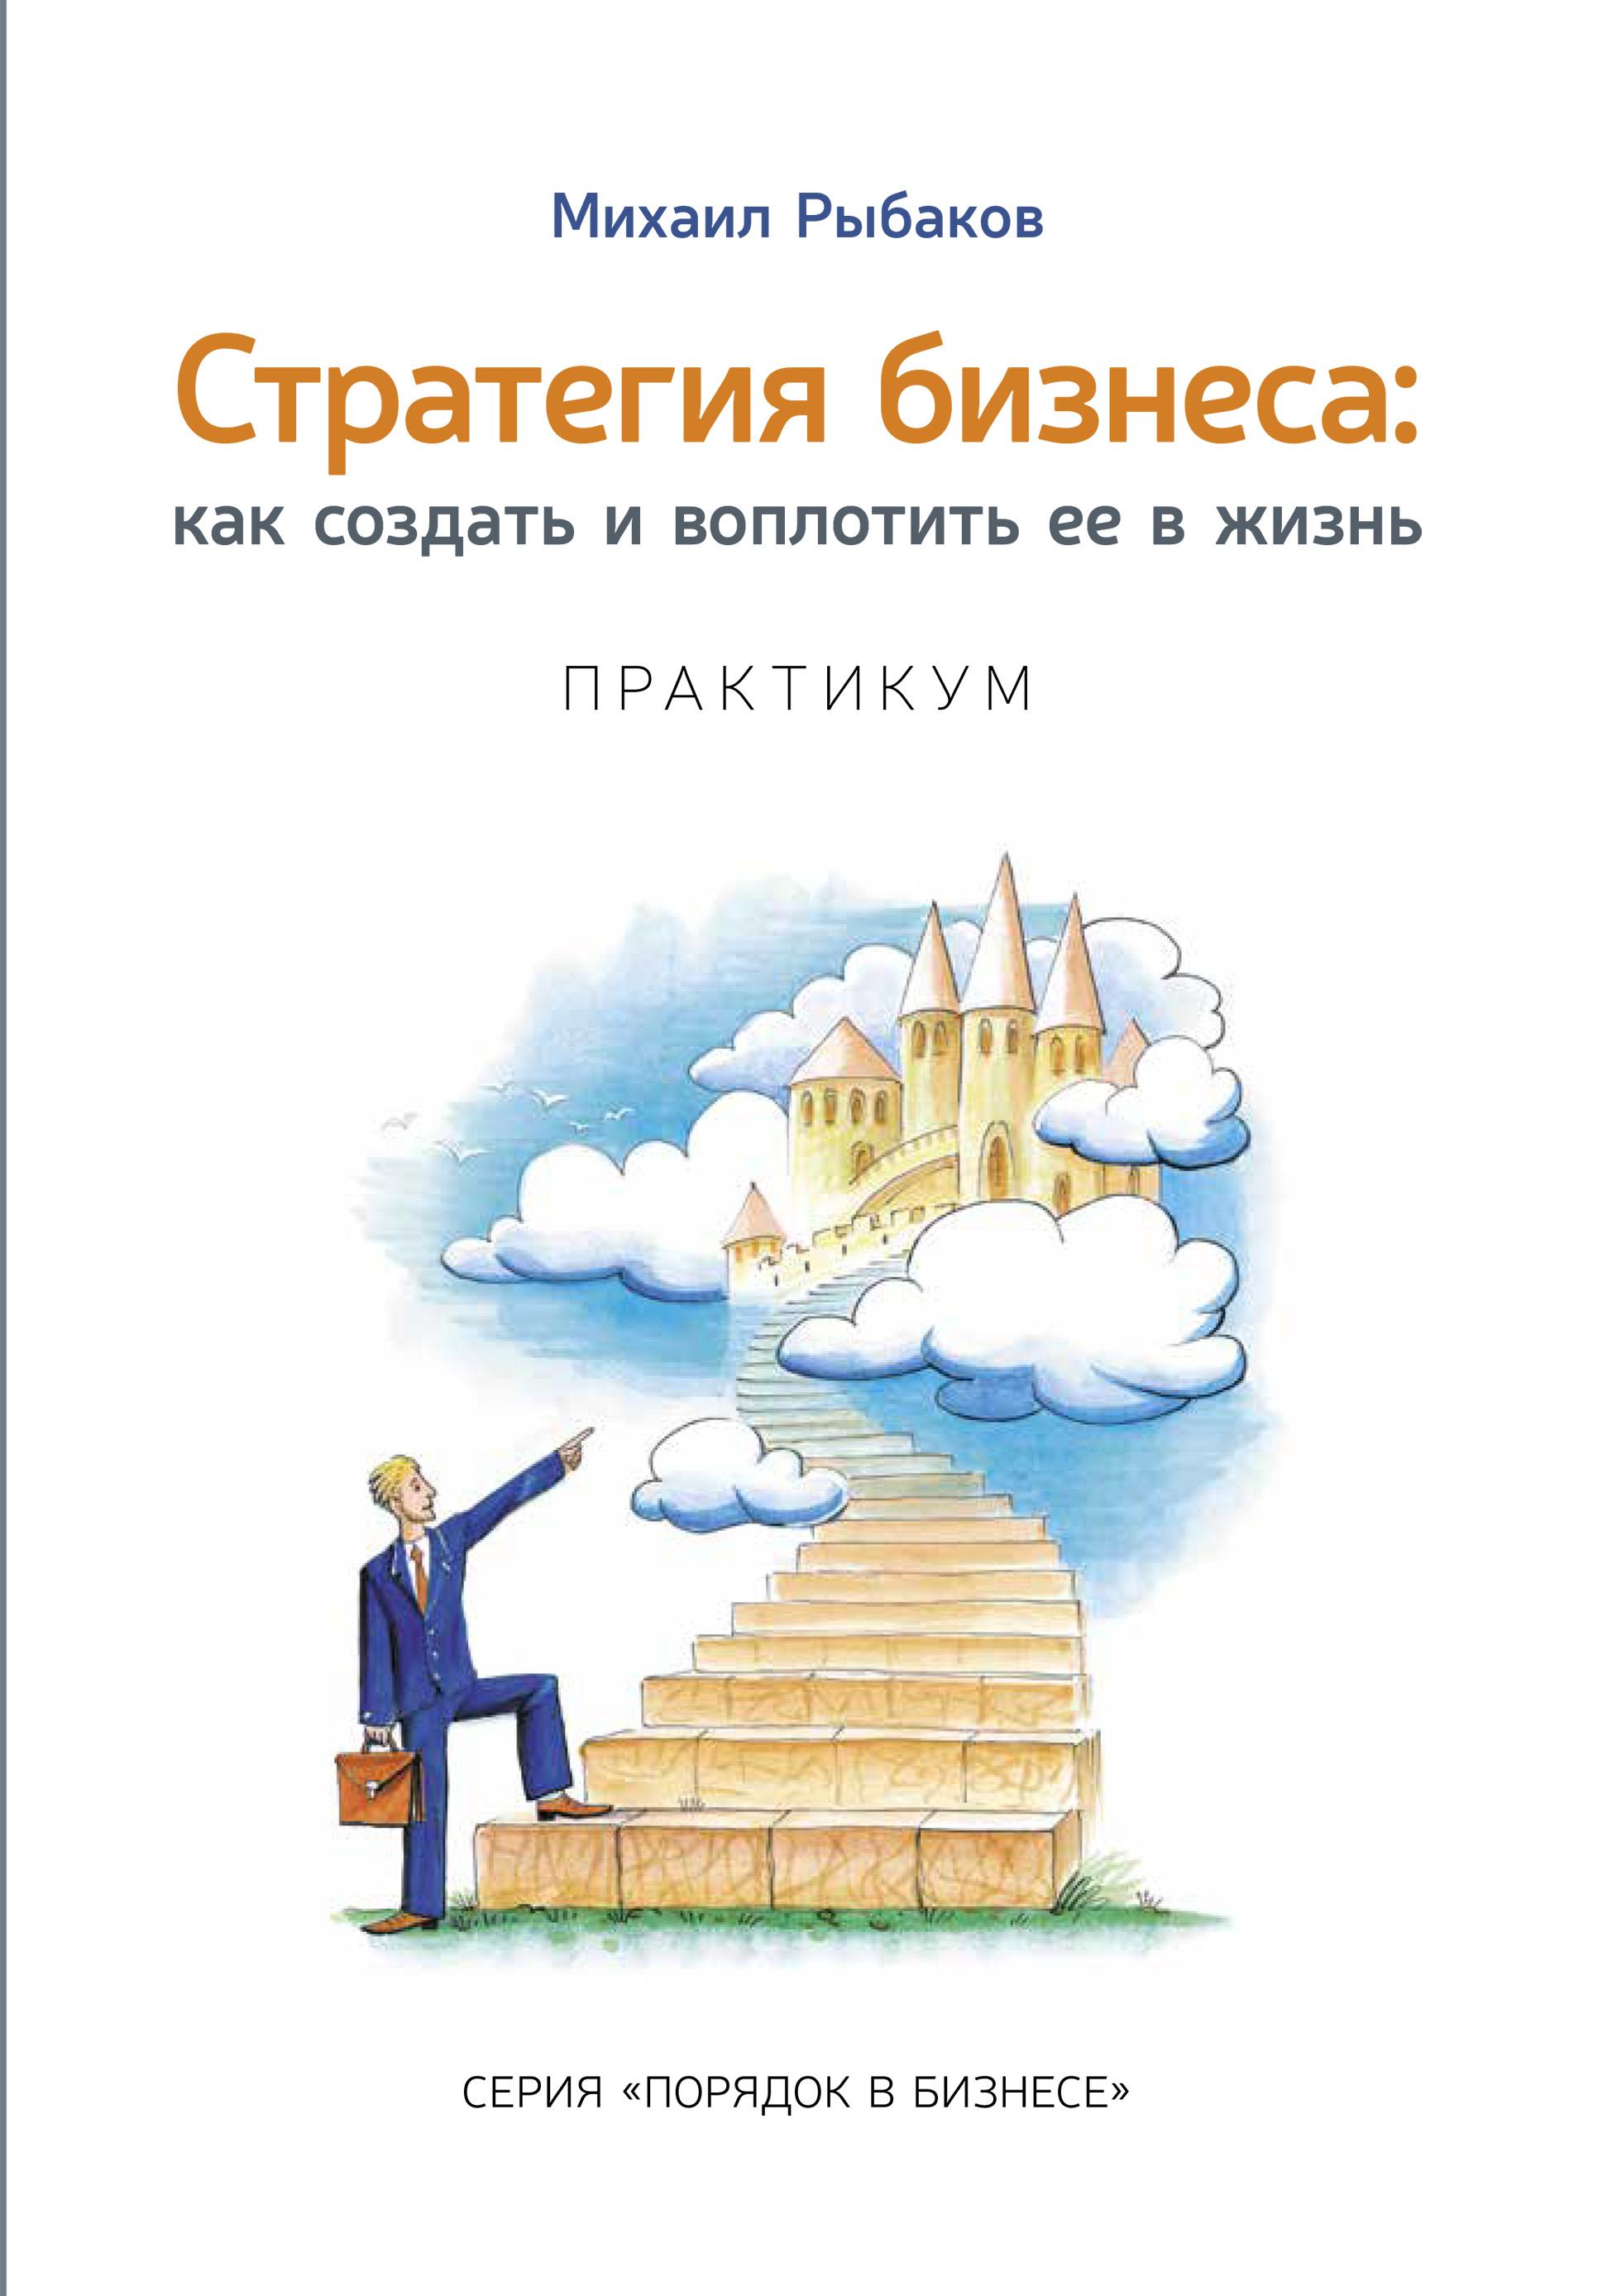 Обложка книги. Автор - Михаил Рыбаков